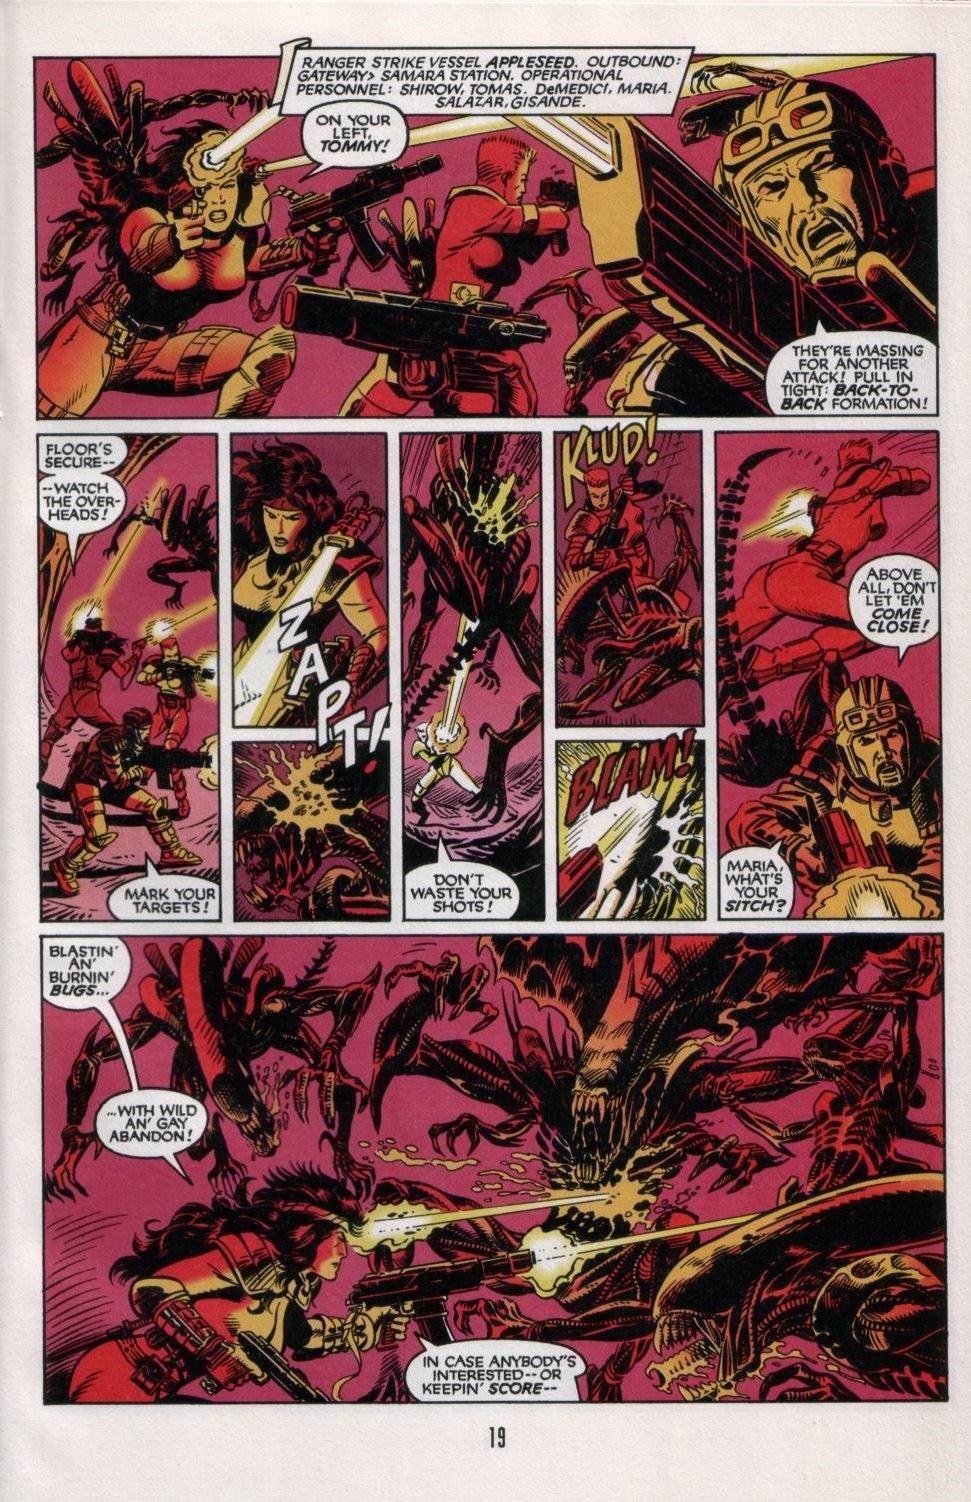 Бэтмен против Чужого?! Безумные комикс-кроссоверы сксеноморфами | Канобу - Изображение 6